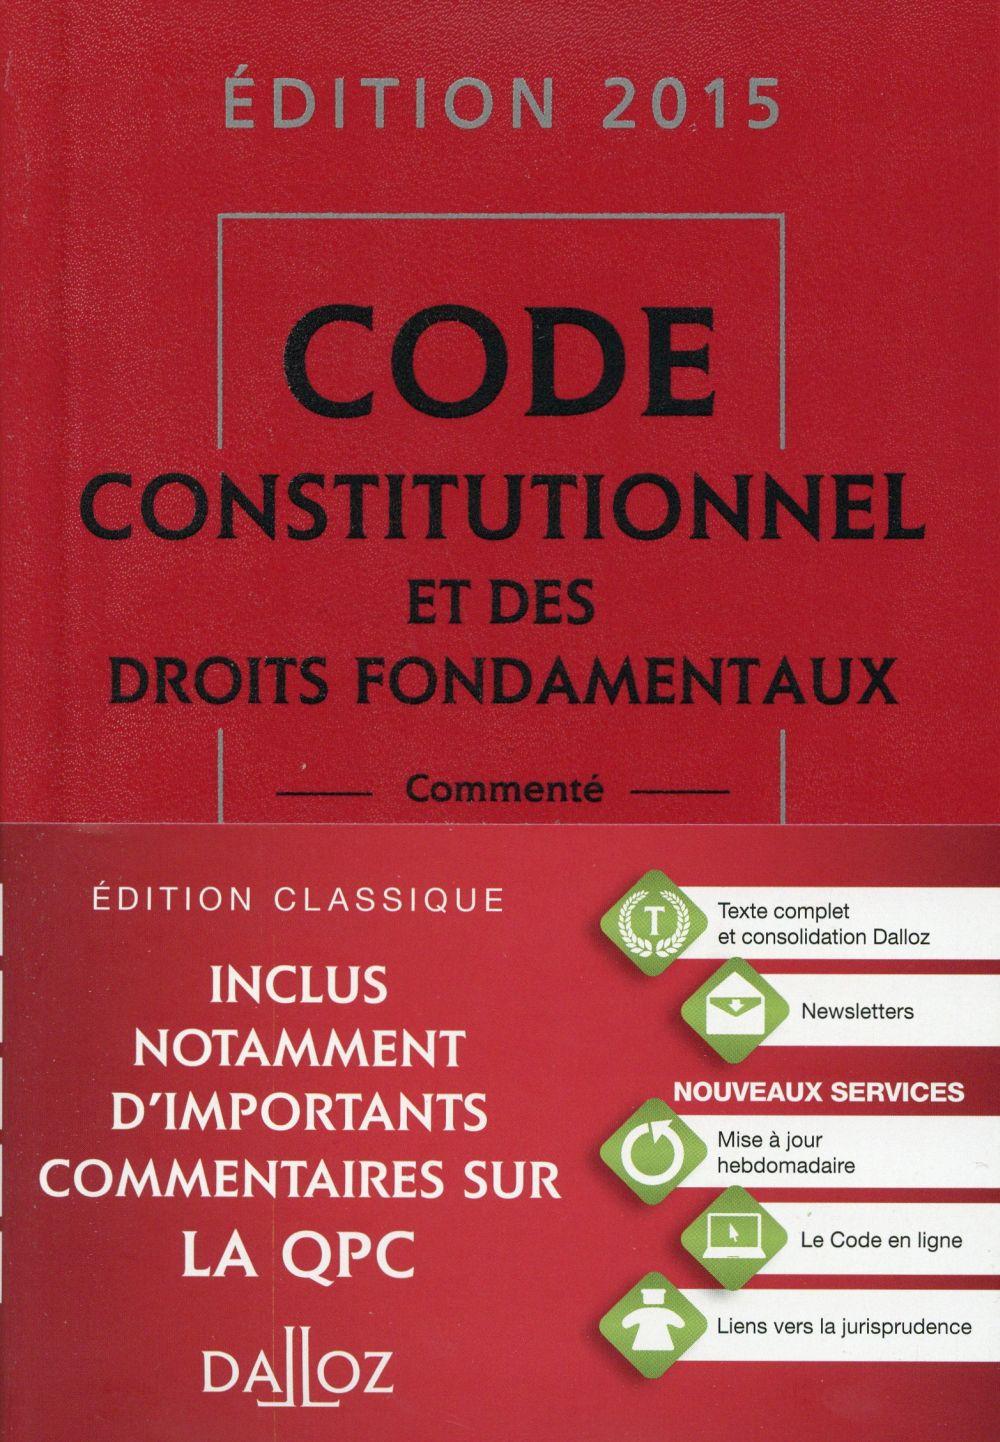 Code constitutionnel et des droits fondamentaux (édition 2015)